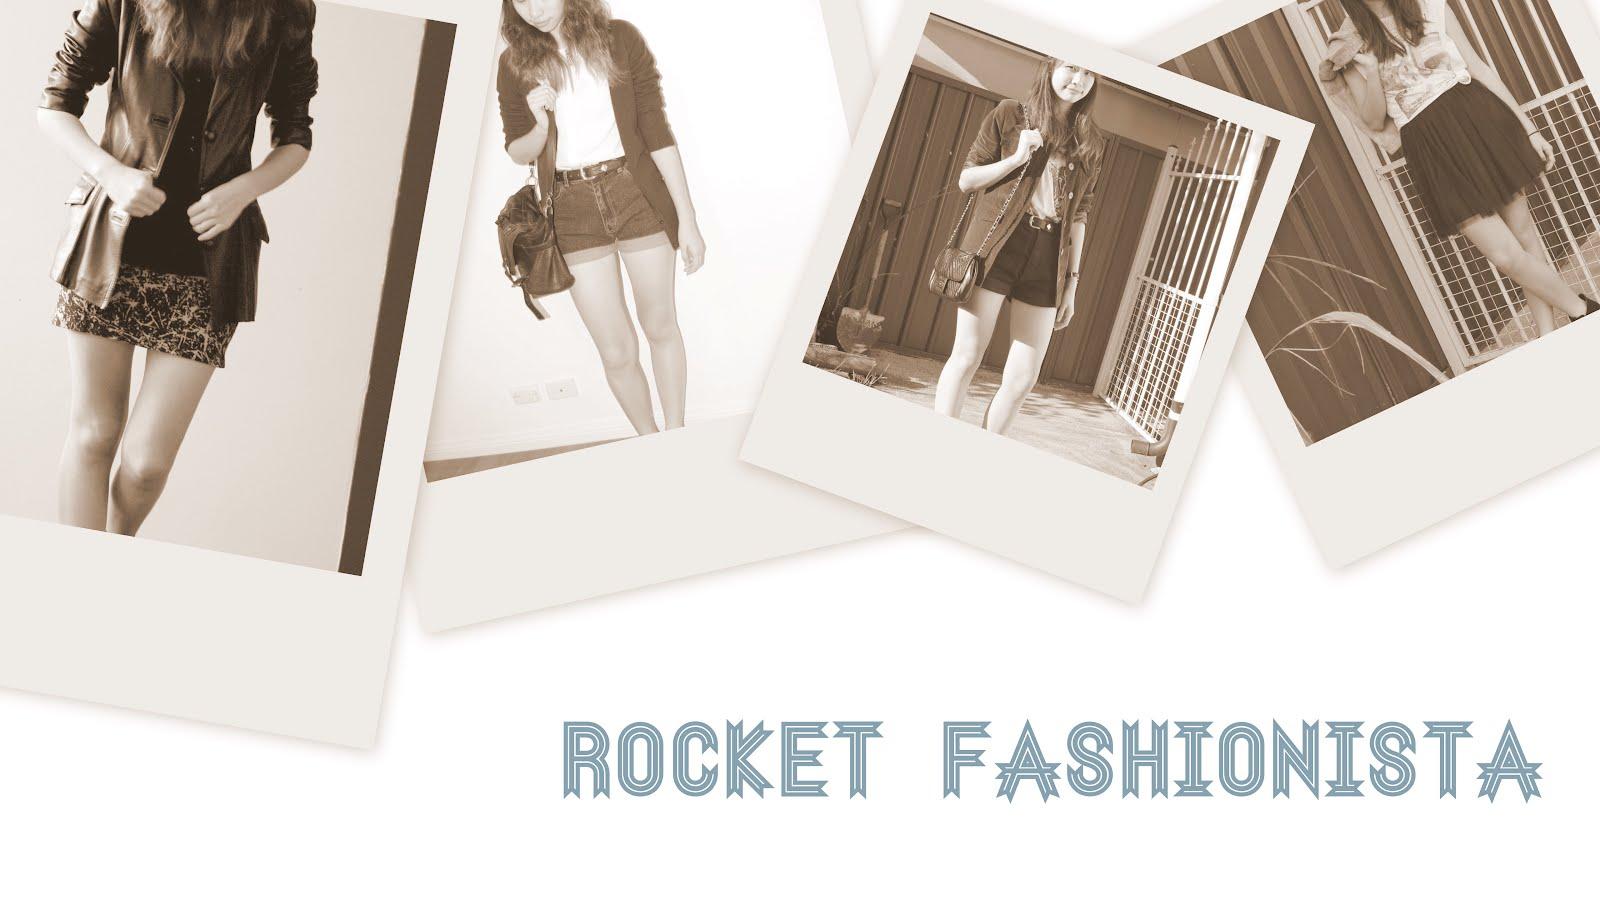 Rocket Fashionista